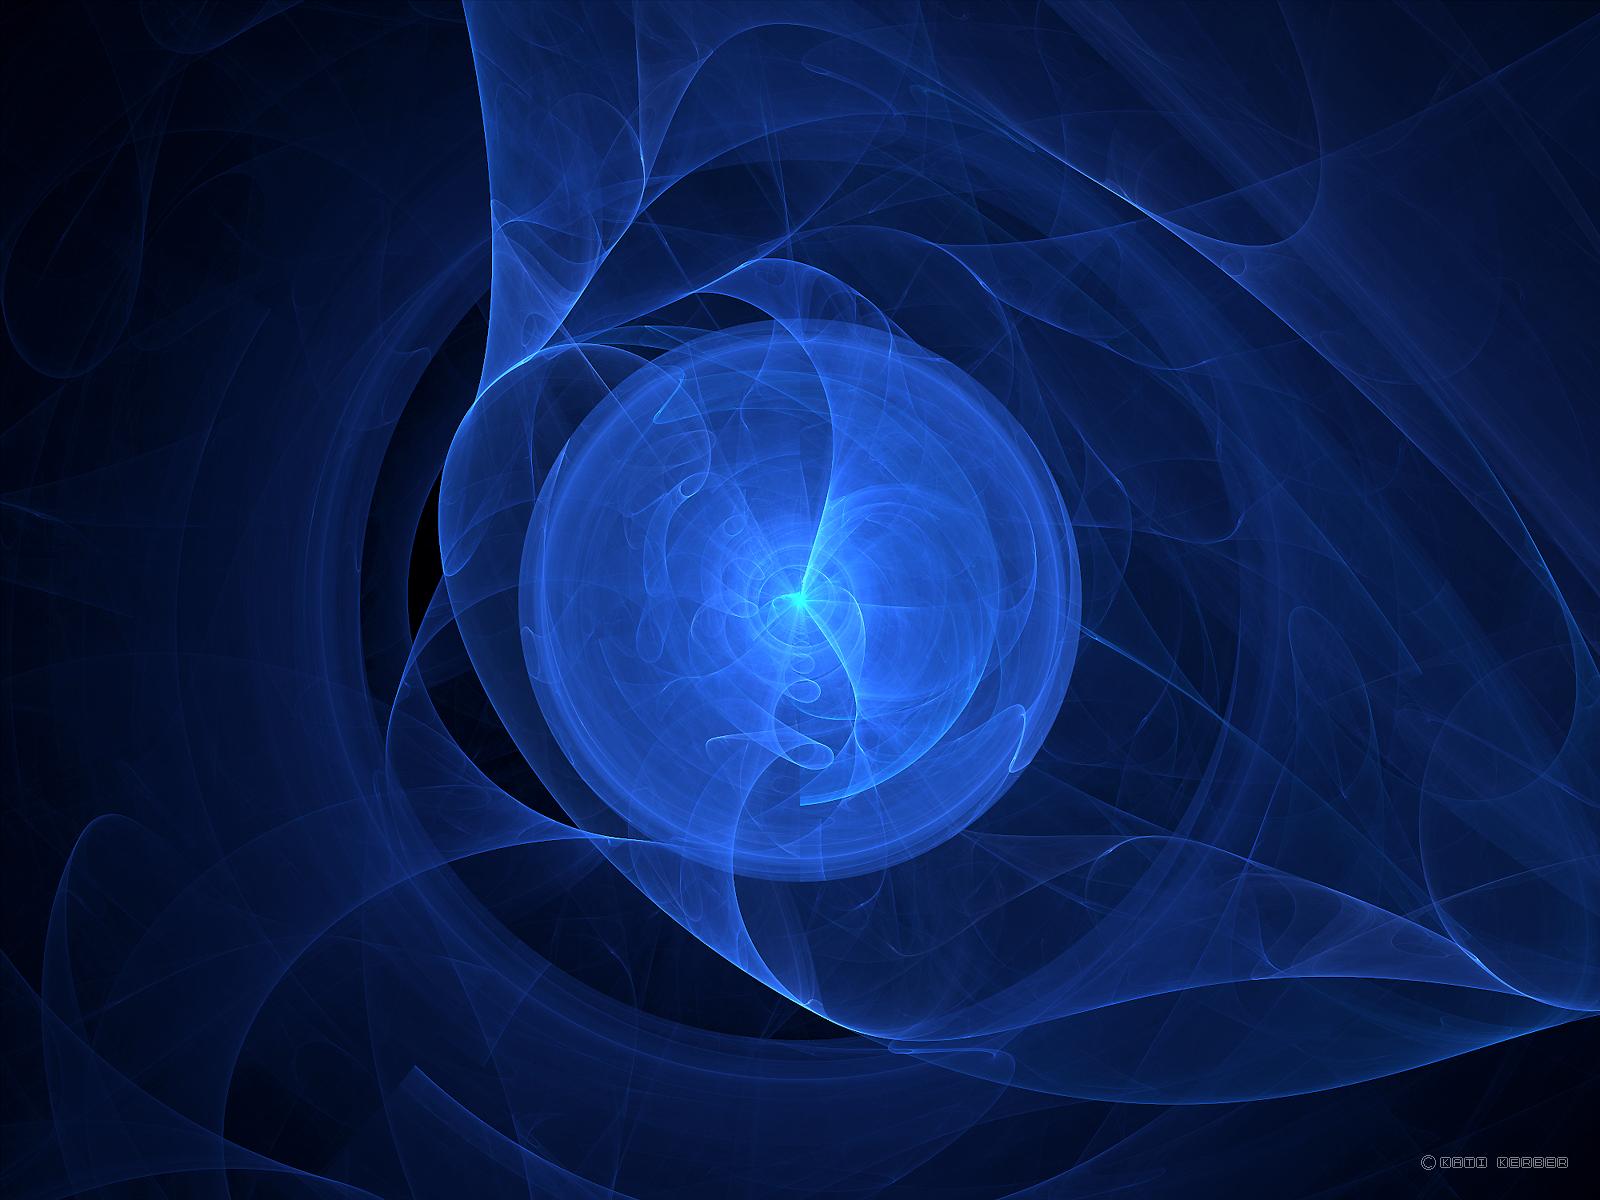 Blue Fireball By Bulldoggenliebchen On Deviantart Fireball Blue Celestial Bodies